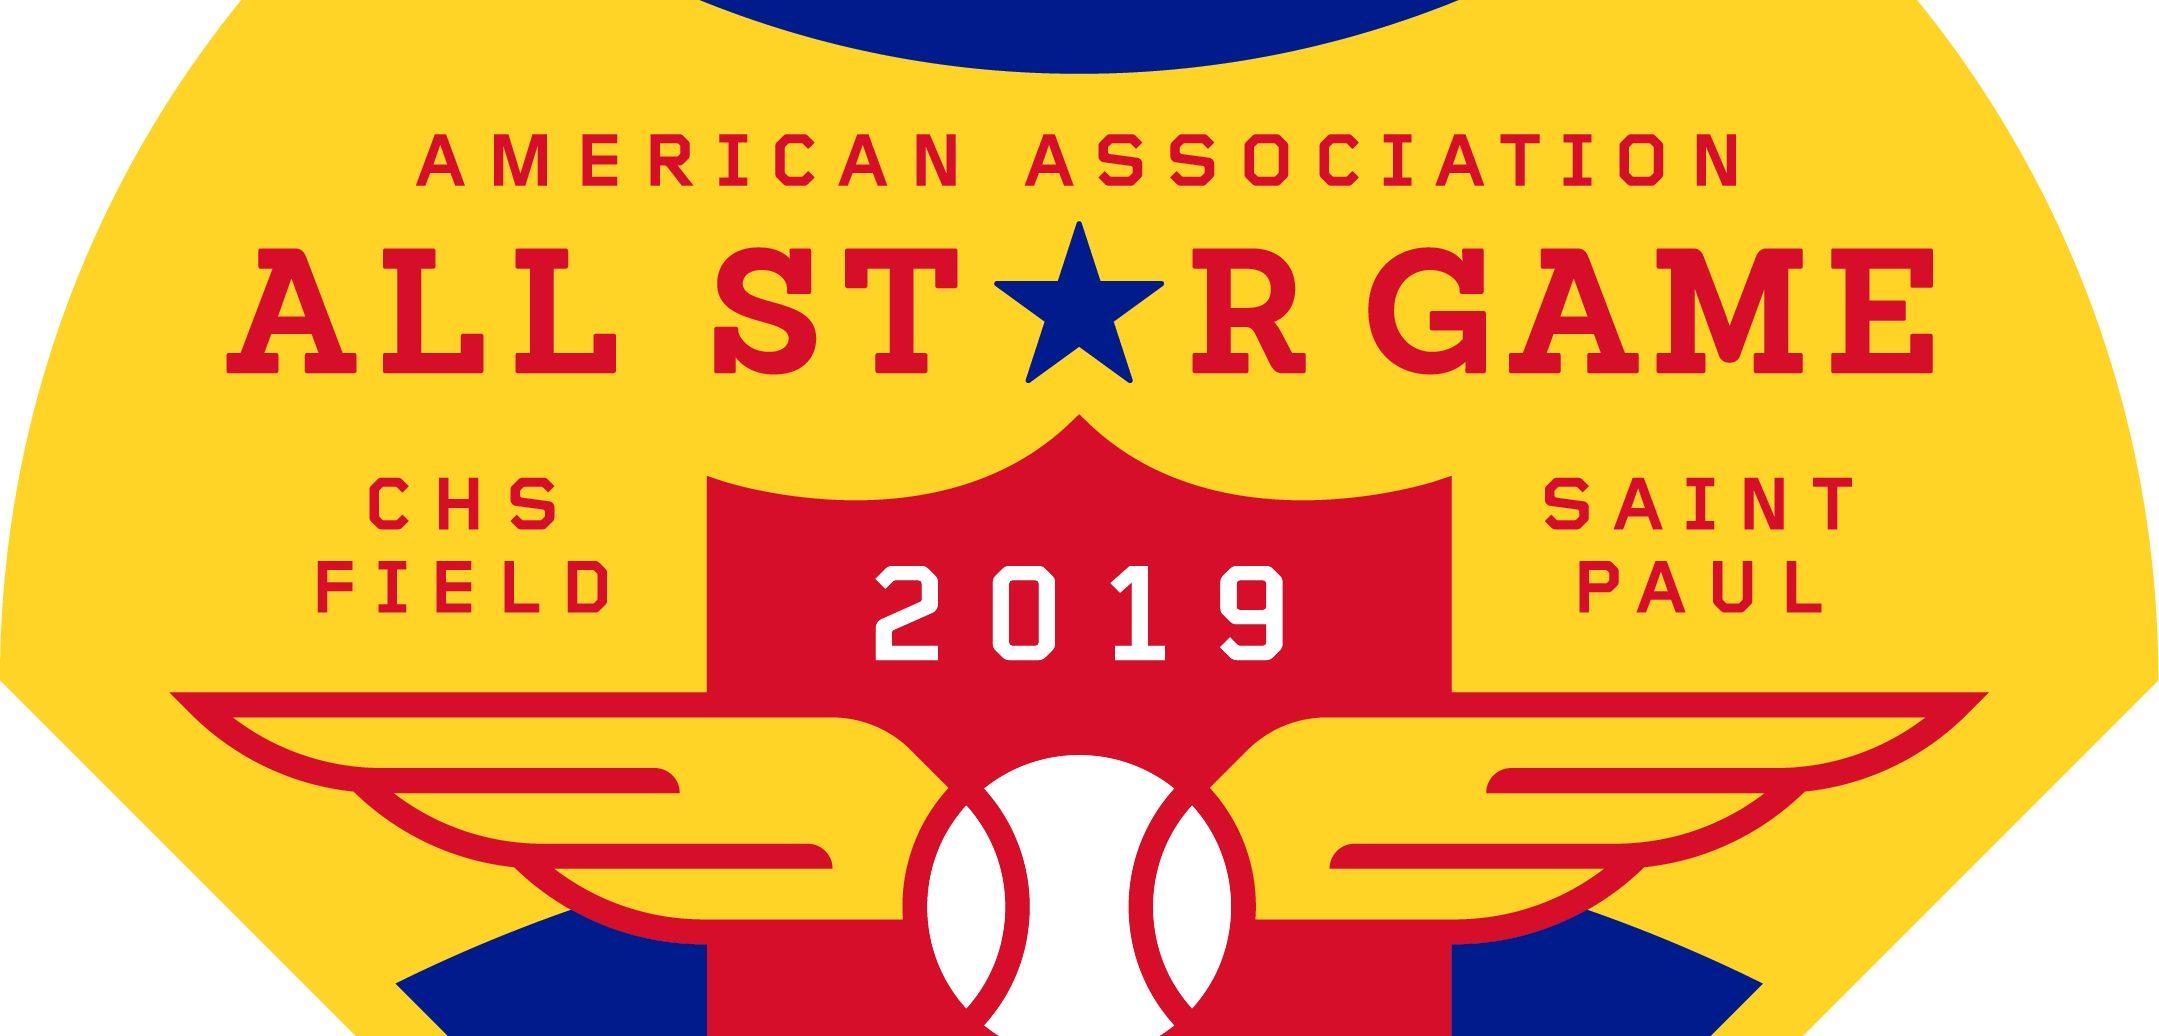 Sps 2019 All Star Game Full Color Cmyk